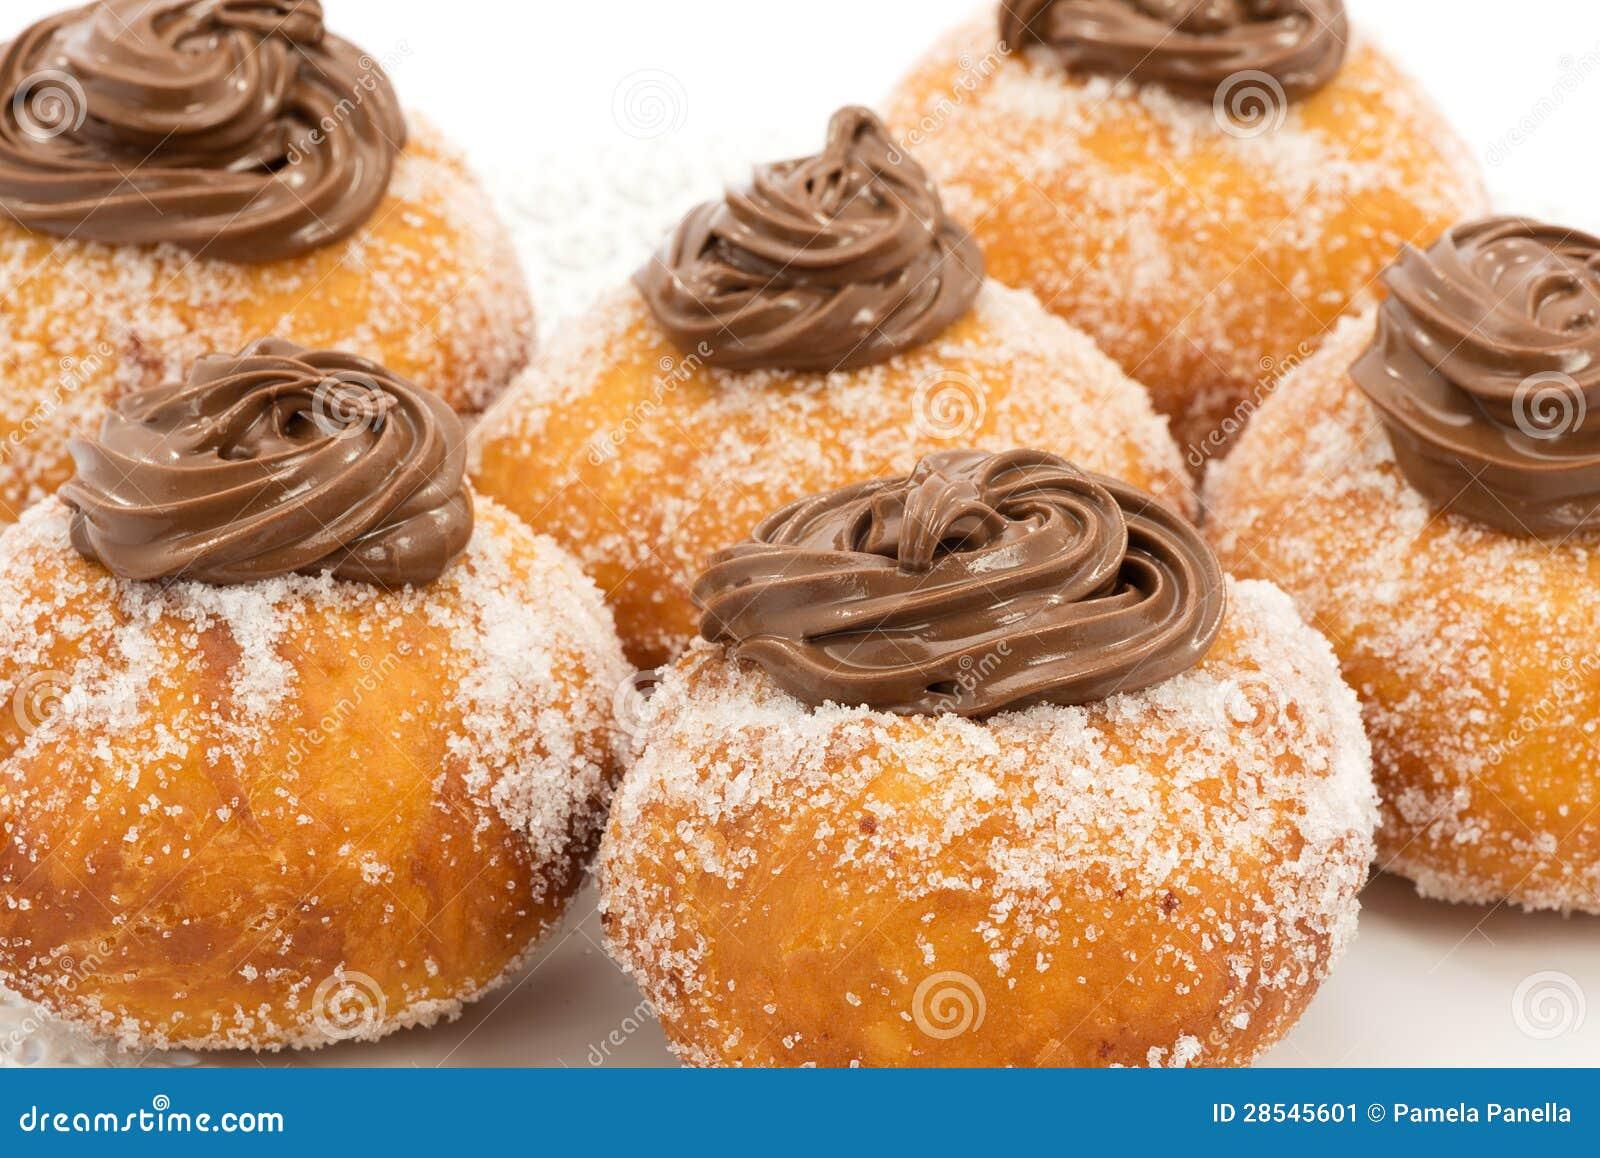 Krapfen Con Cioccolato Immagine Stock Immagine Di Calorie 28545601